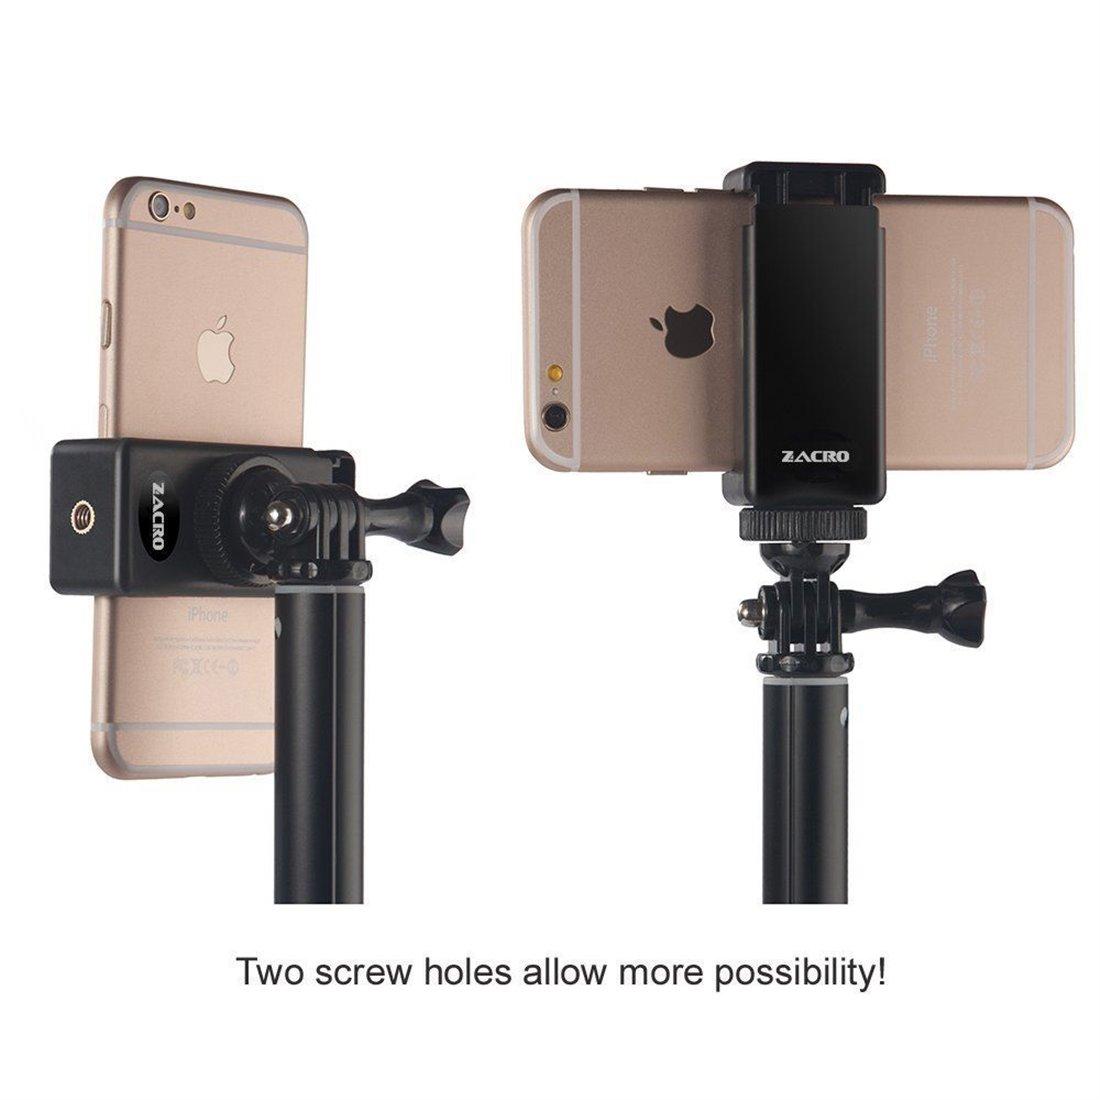 Zacro Adaptateur Universel de Trépied de Smartphone pour iPhone Samsung Galaxy Nexus et Plus de Téléphones Portables - utilis